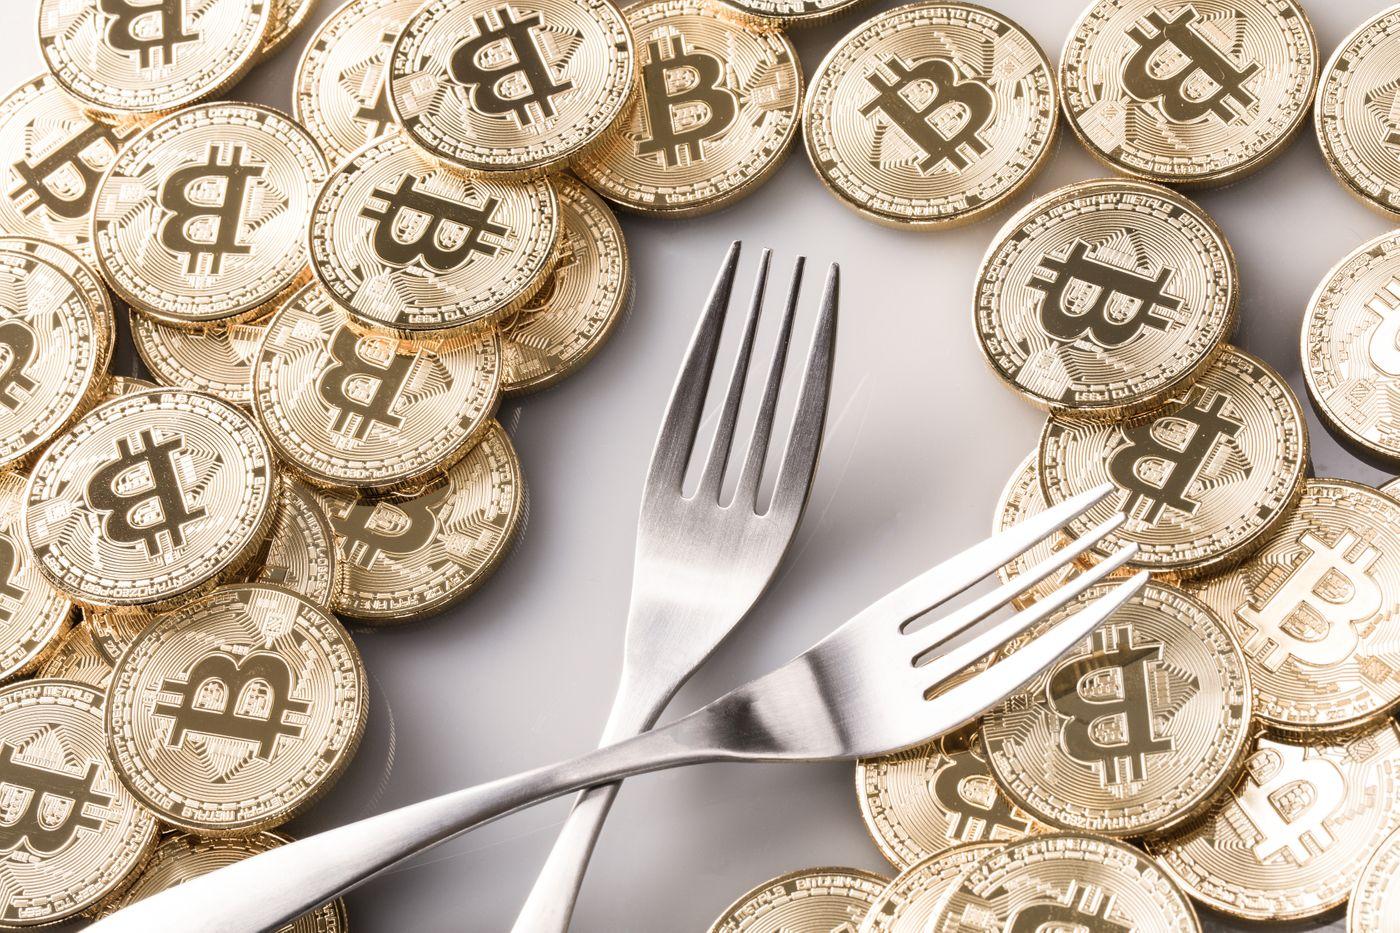 ハードフォークとビットコインの写真